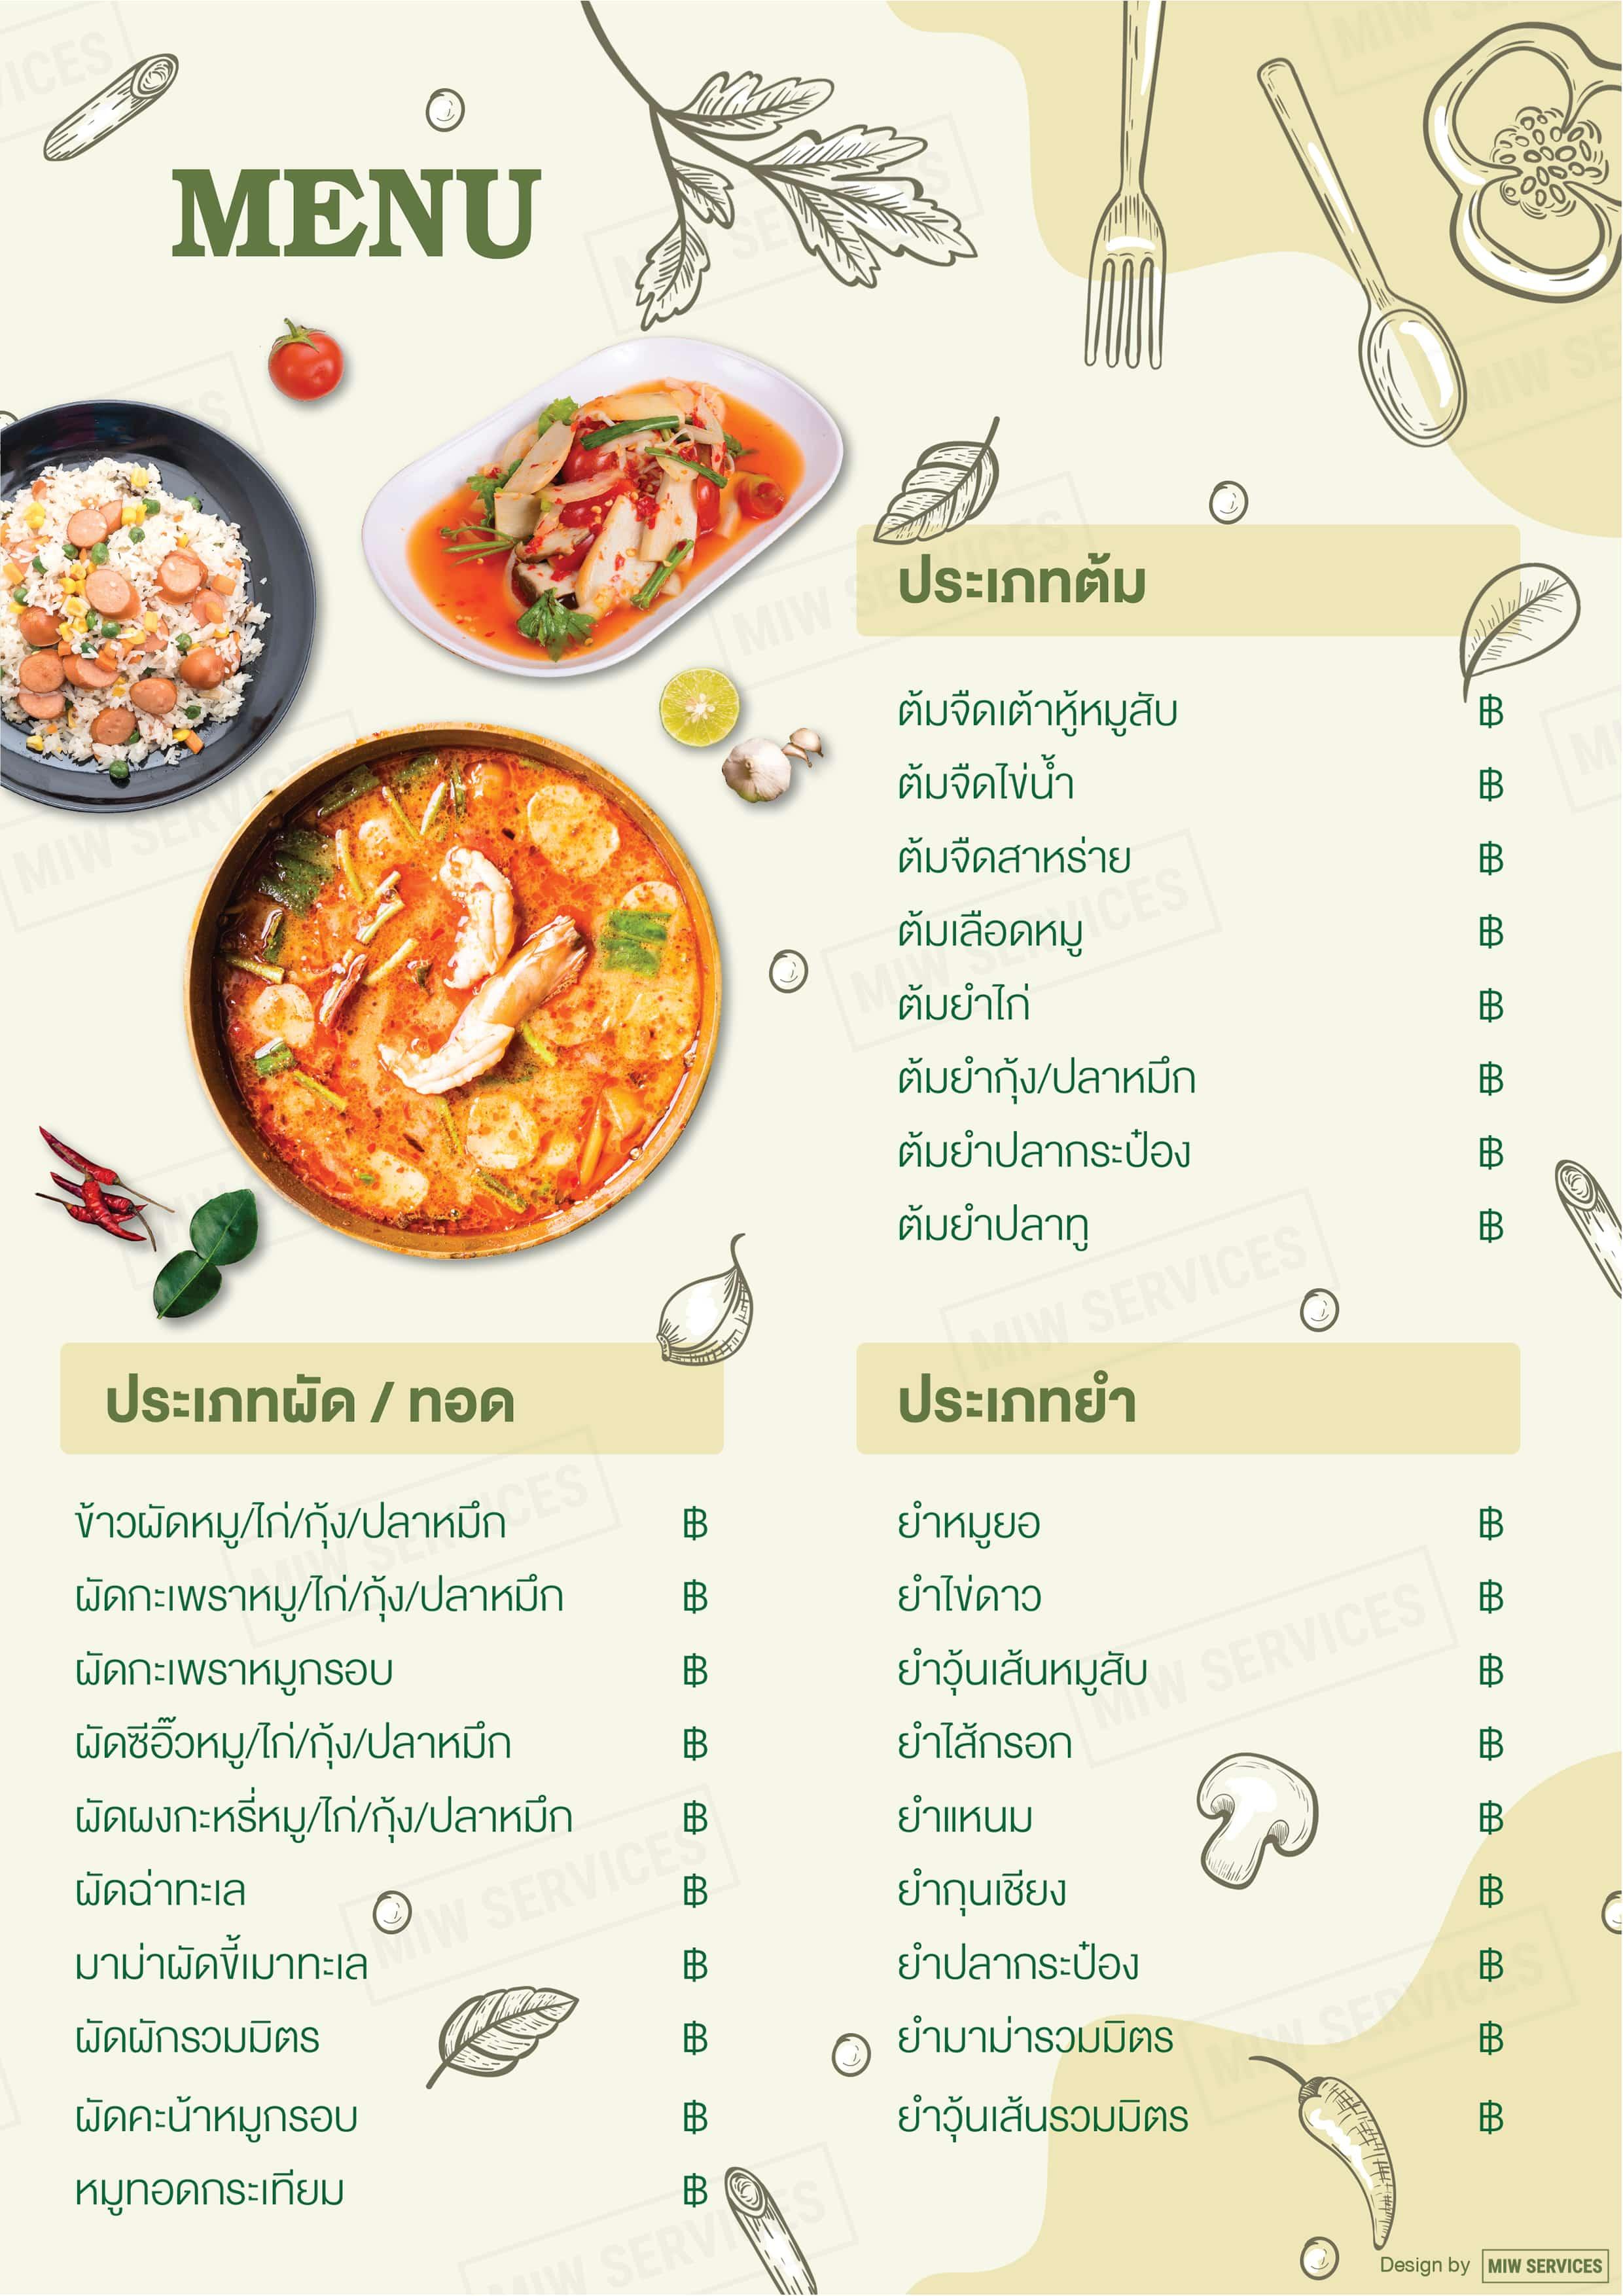 Free Menu - แจกฟรี !! ภาพงานออกแบบเมนูอาหารตามสั่ง ให้ลูกค้าสั่งออนไลน์ช่วงโควิด-19